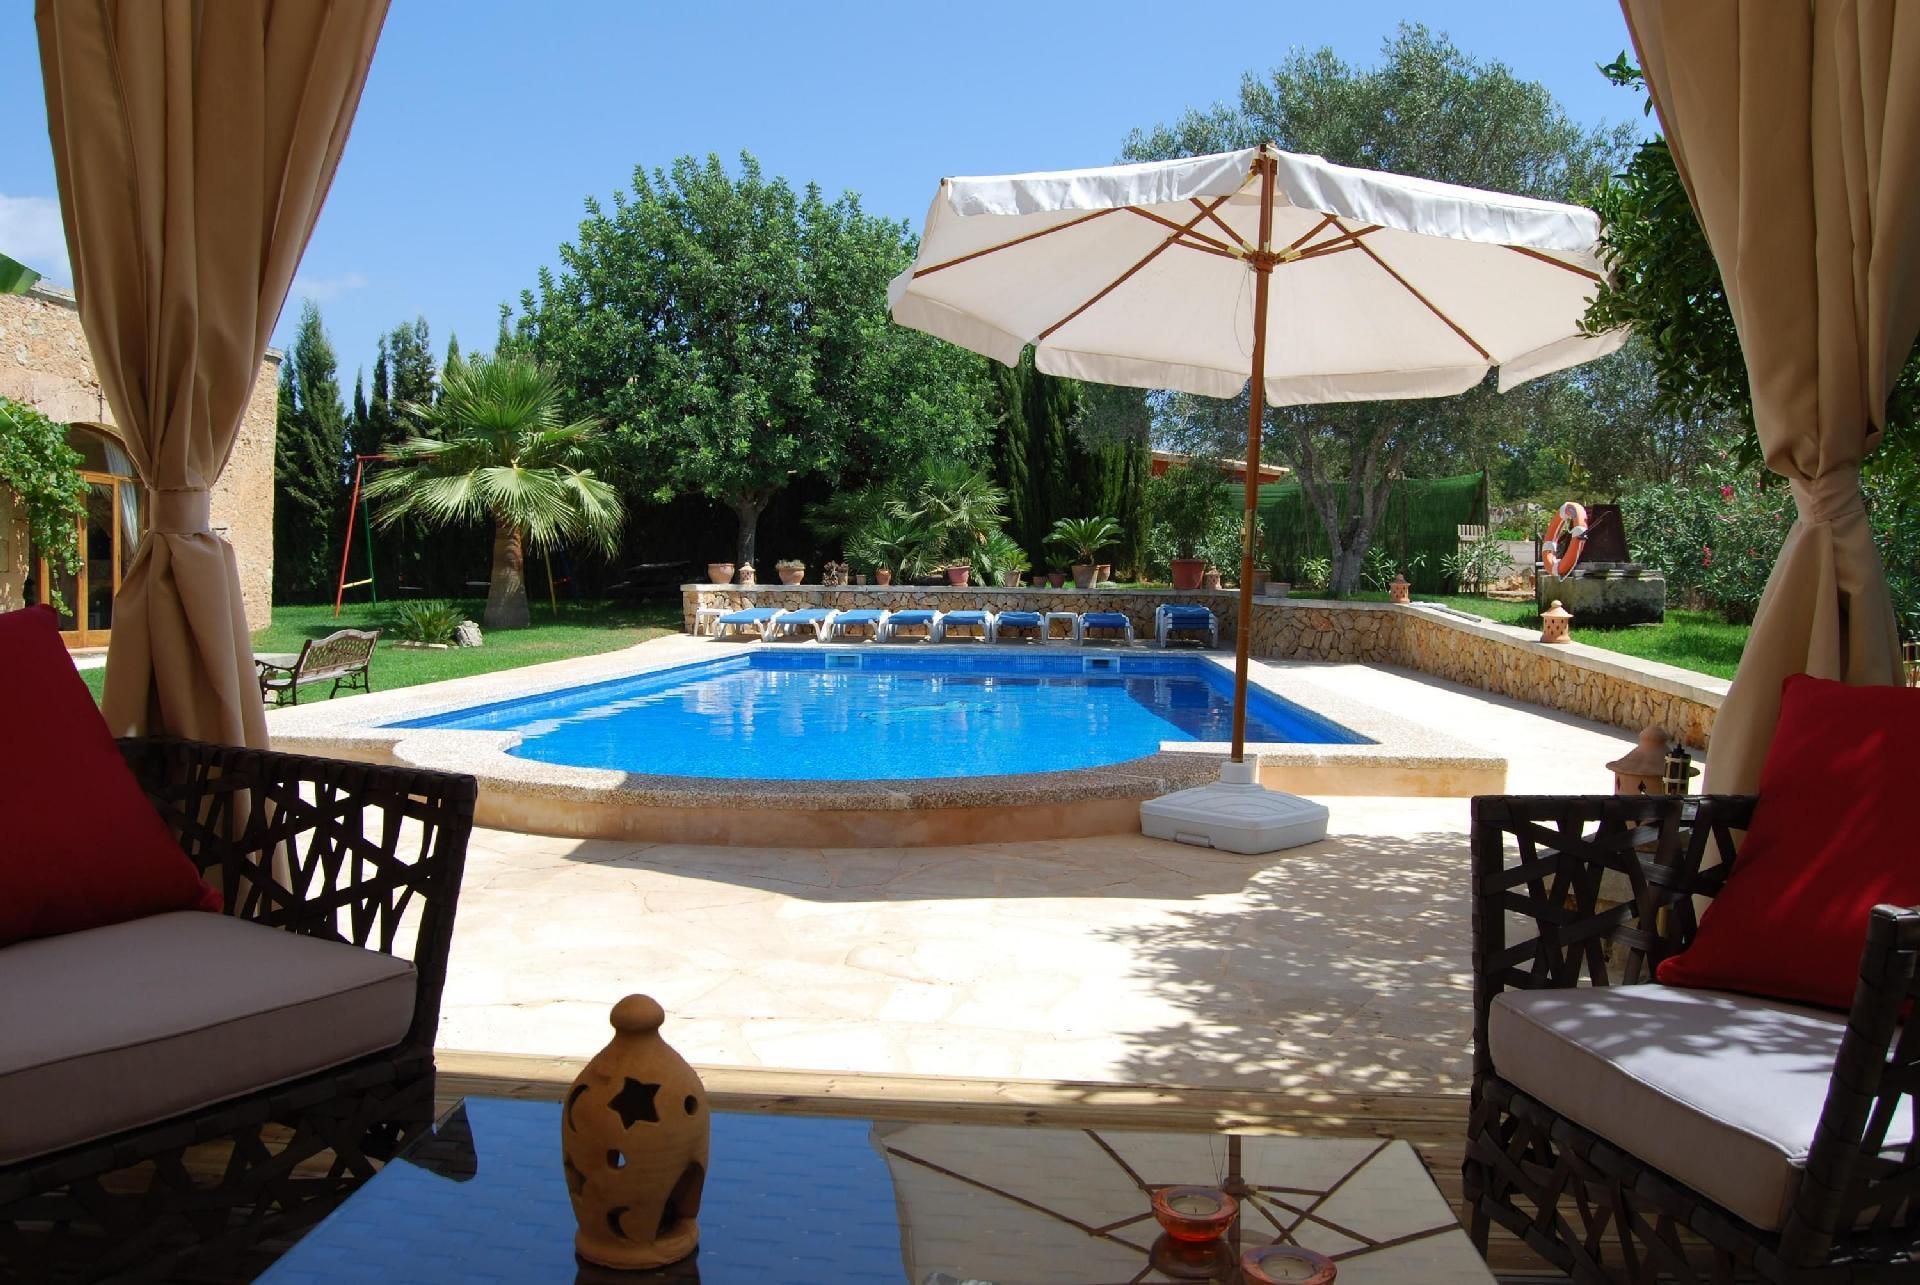 Ferienhaus mit Privatpool für 10 Personen ca 450 m² in Cas Concos des Cavaller Mallorca Südostküste von Mallorca